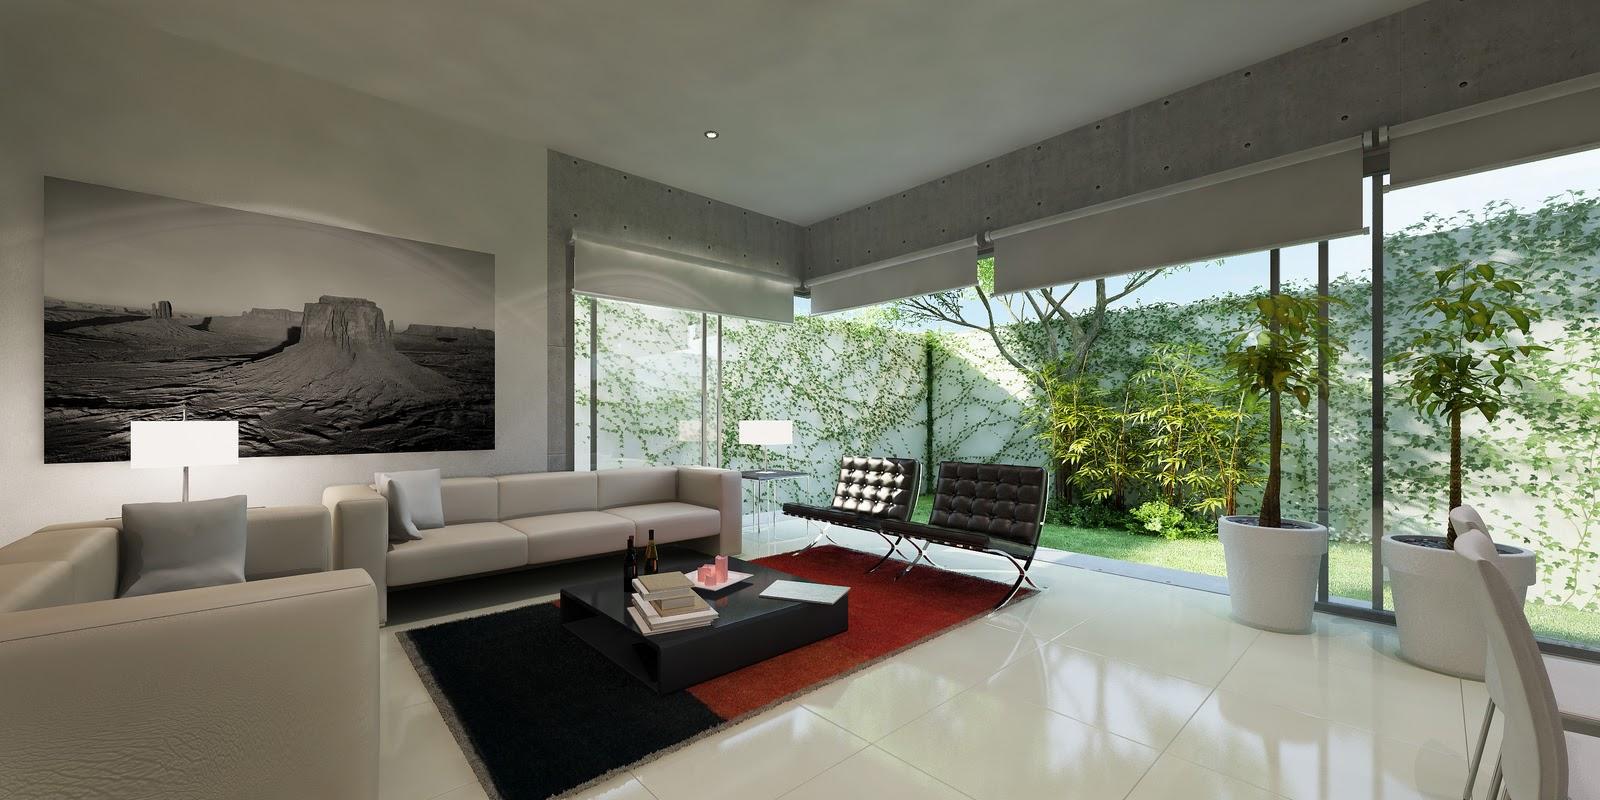 Bien-aimé Come arredare casa: Arredare casa moderna: idee su come QL52